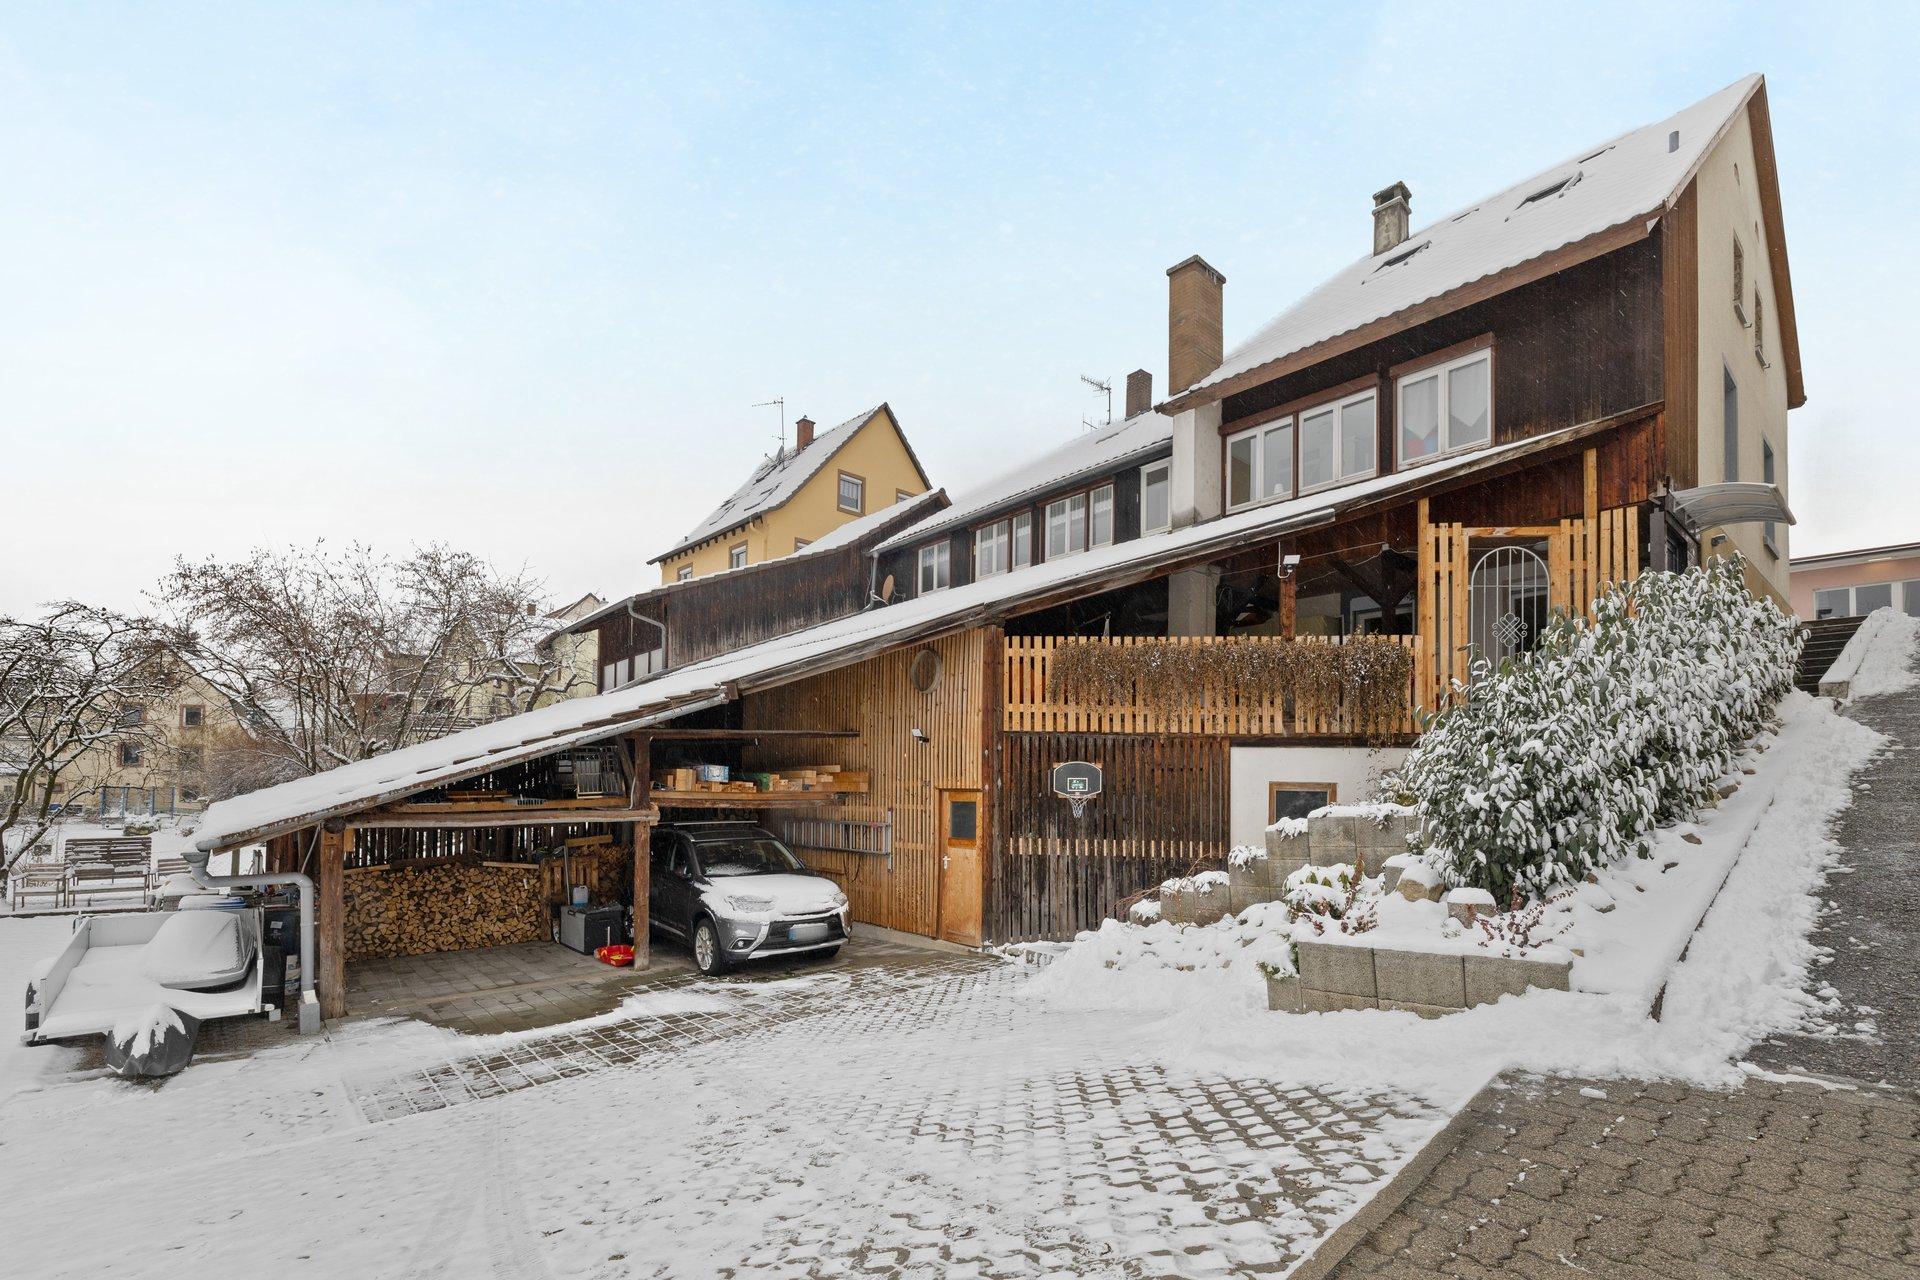 Familientraum! Historische sanierte Doppelhaushälfte mit großem Garten und Carport unterhalb der Burg Rötteln Lörrach-Haagen